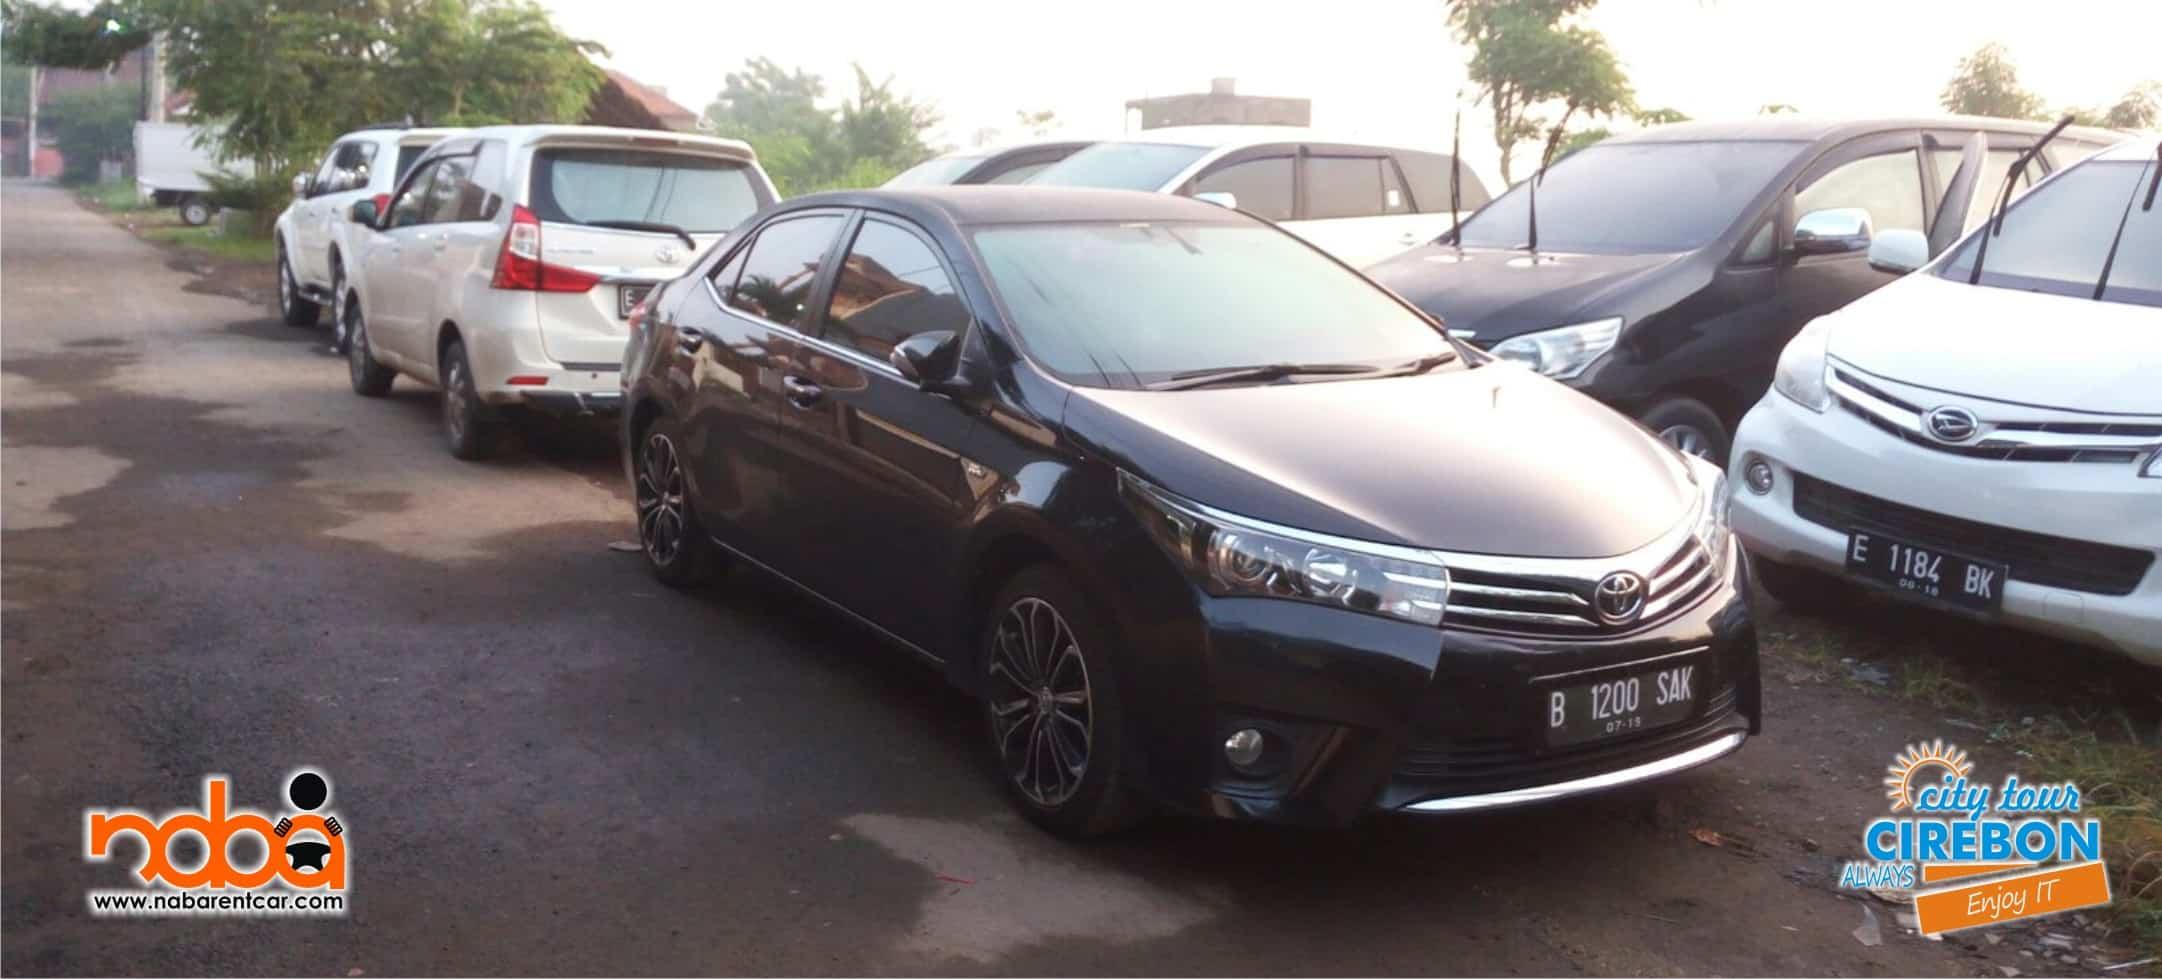 Info Rental Mobil Di Cirebon